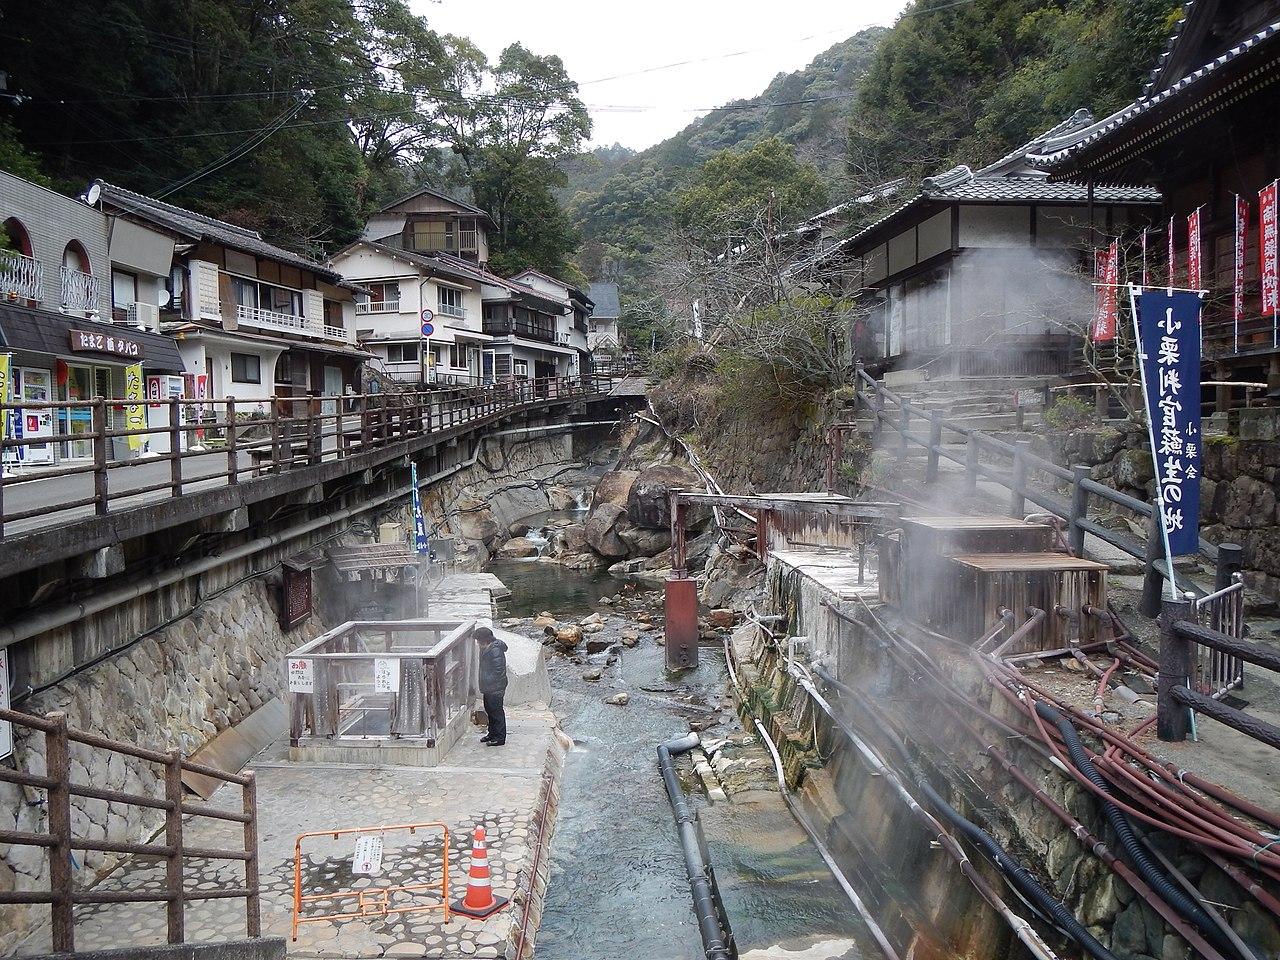 Kumano Kodo pilgrimage route Yunomine Onsen World heritage 熊野古道 湯の峰温泉56.JPG